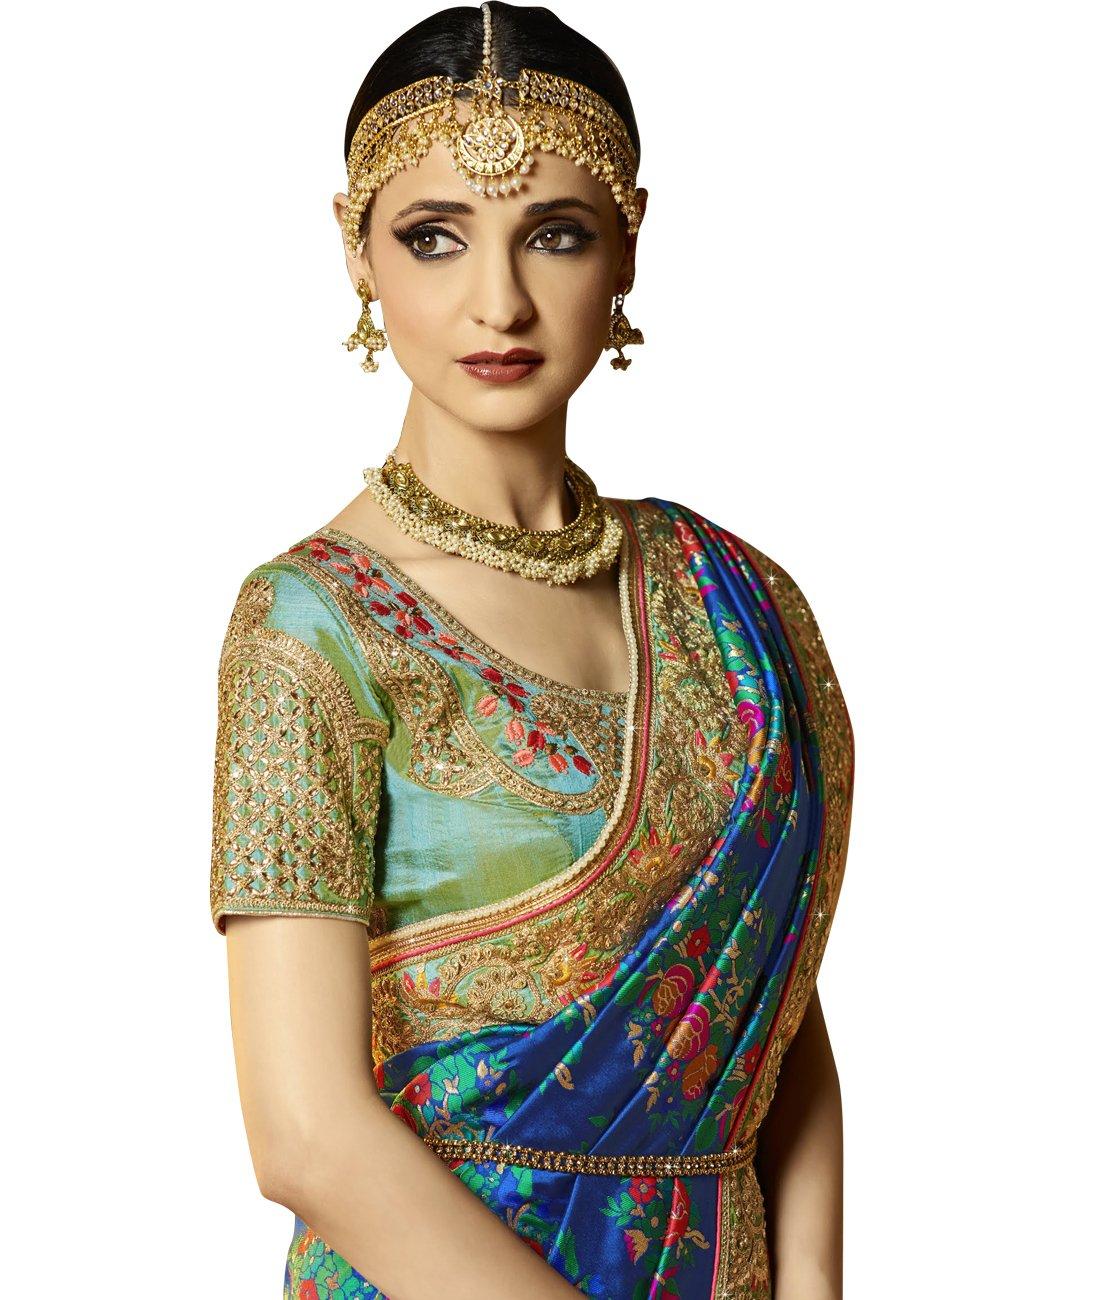 Maahir Garments Exclusive Indian Ethnicwear Banarasi Brocade Silk Royal Blue coloured Handloom Saree by Maahir Garments (Image #3)